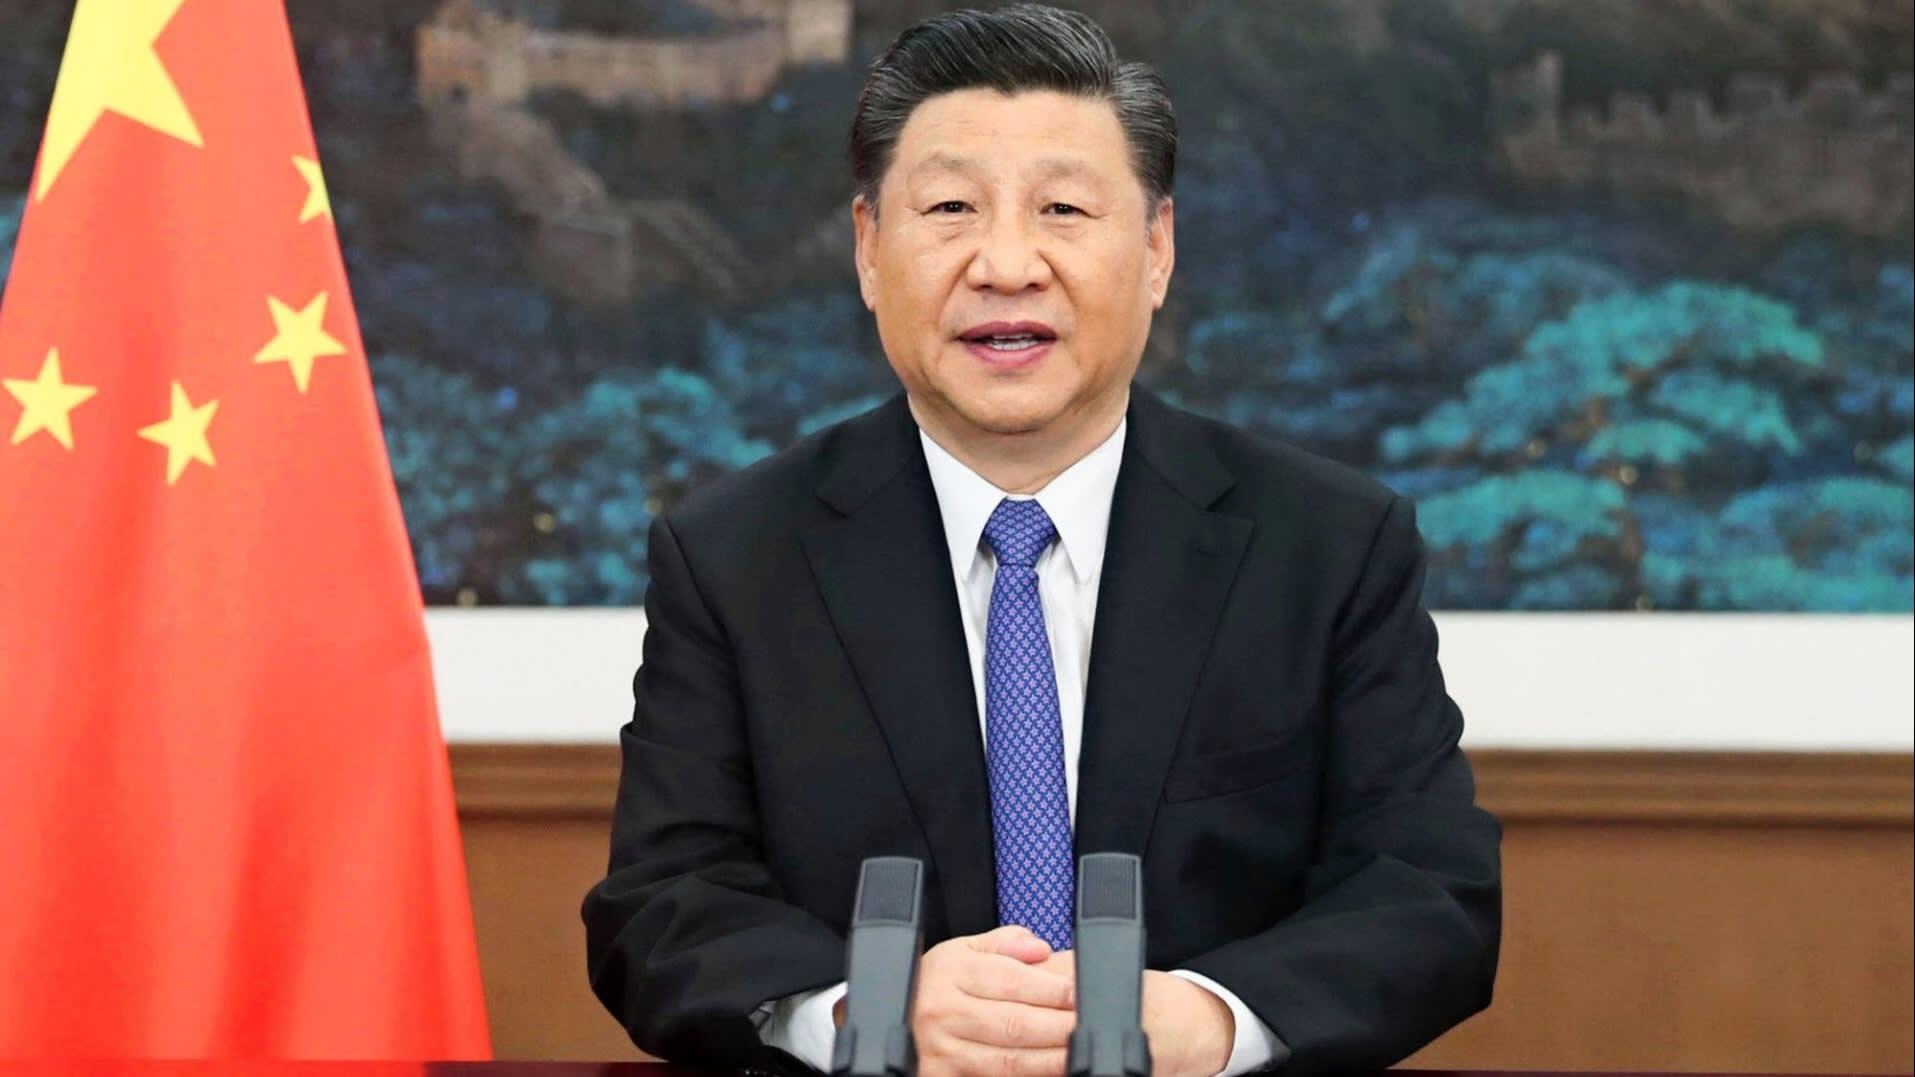 Chủ tịch Trung Quốc tuyên bố nước này sẽ cân nhắc gia nhập CPTPP